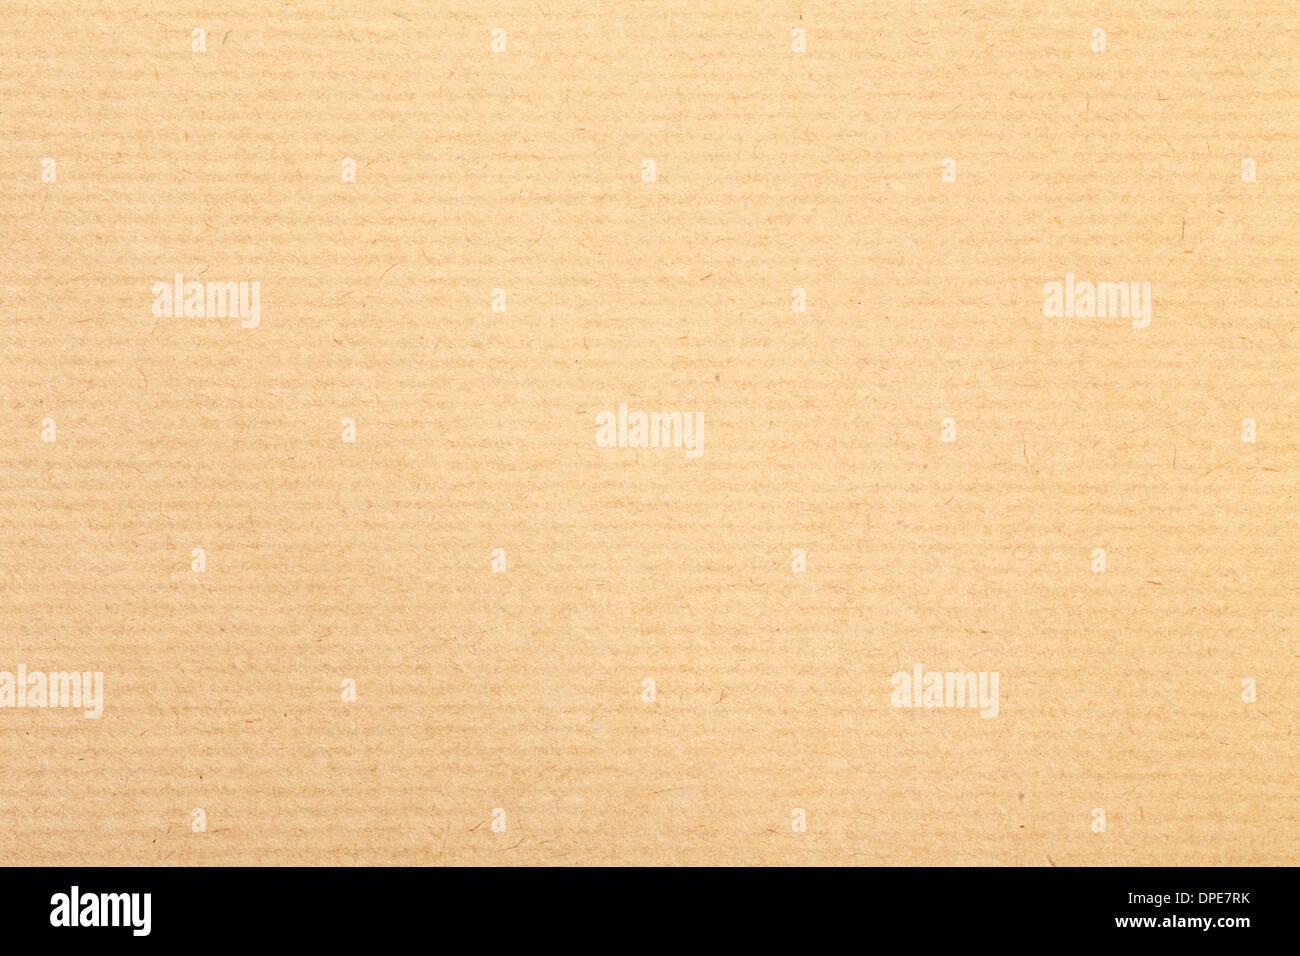 Un patrón de fondo de un papel de embalaje Imagen De Stock